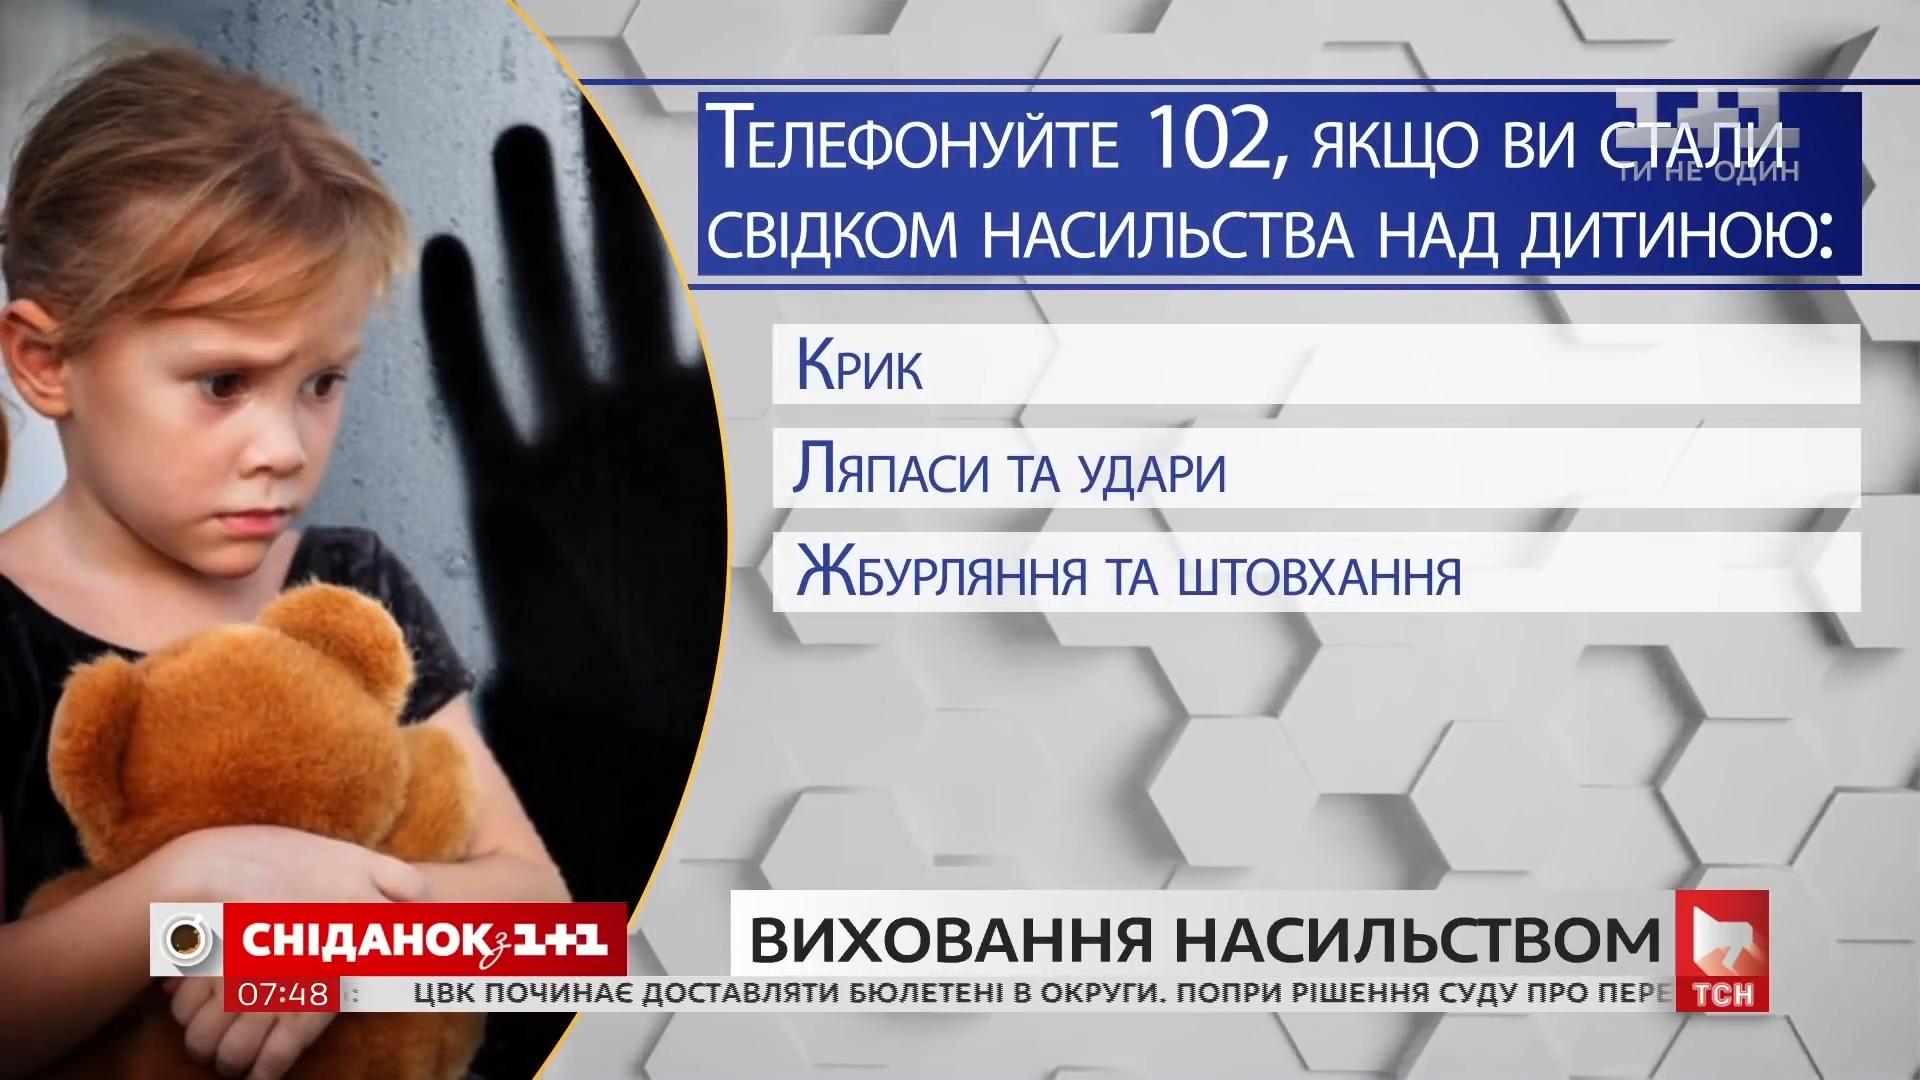 20190708_09-51-Что в Украине считается насилием над детьми и как ему противостоять - адвокат Олег Простибоженко-pic13